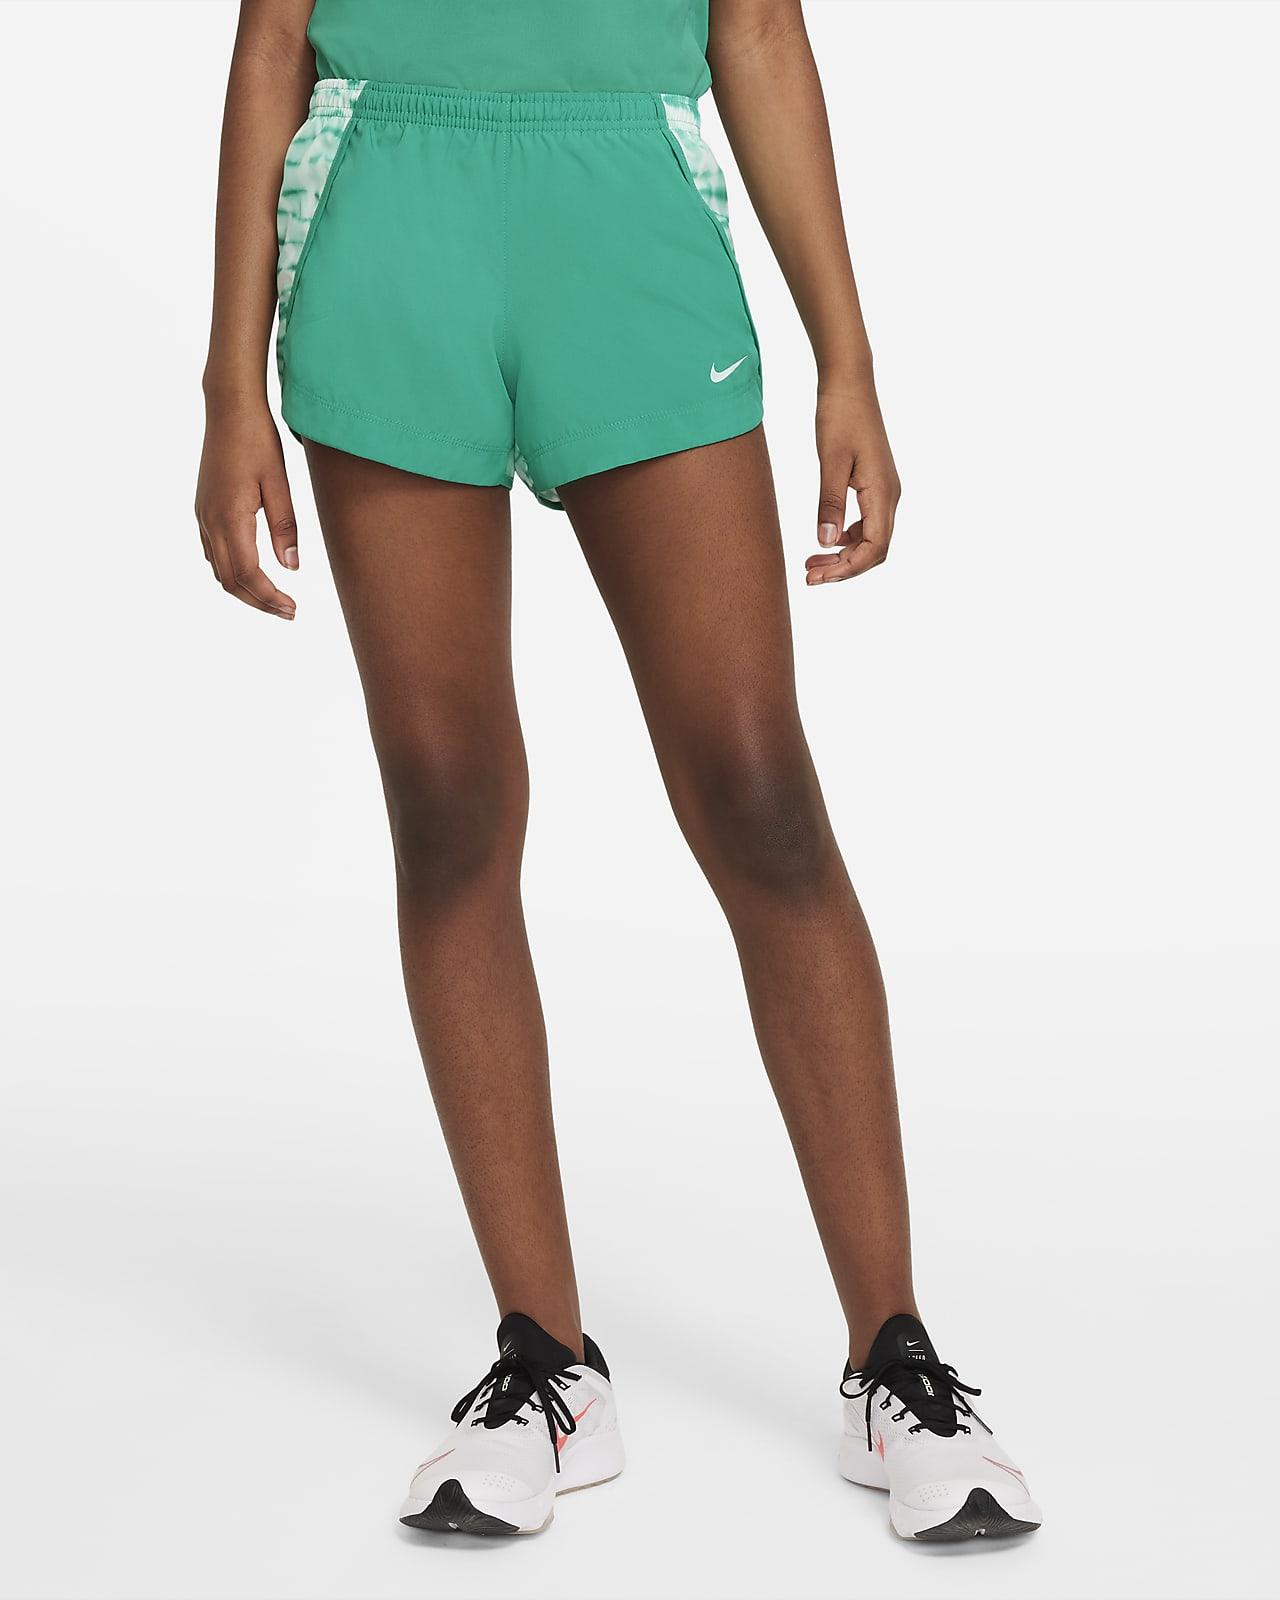 Nike Dri-FIT Sprinter Older Kids' (Girls') Printed Running Shorts